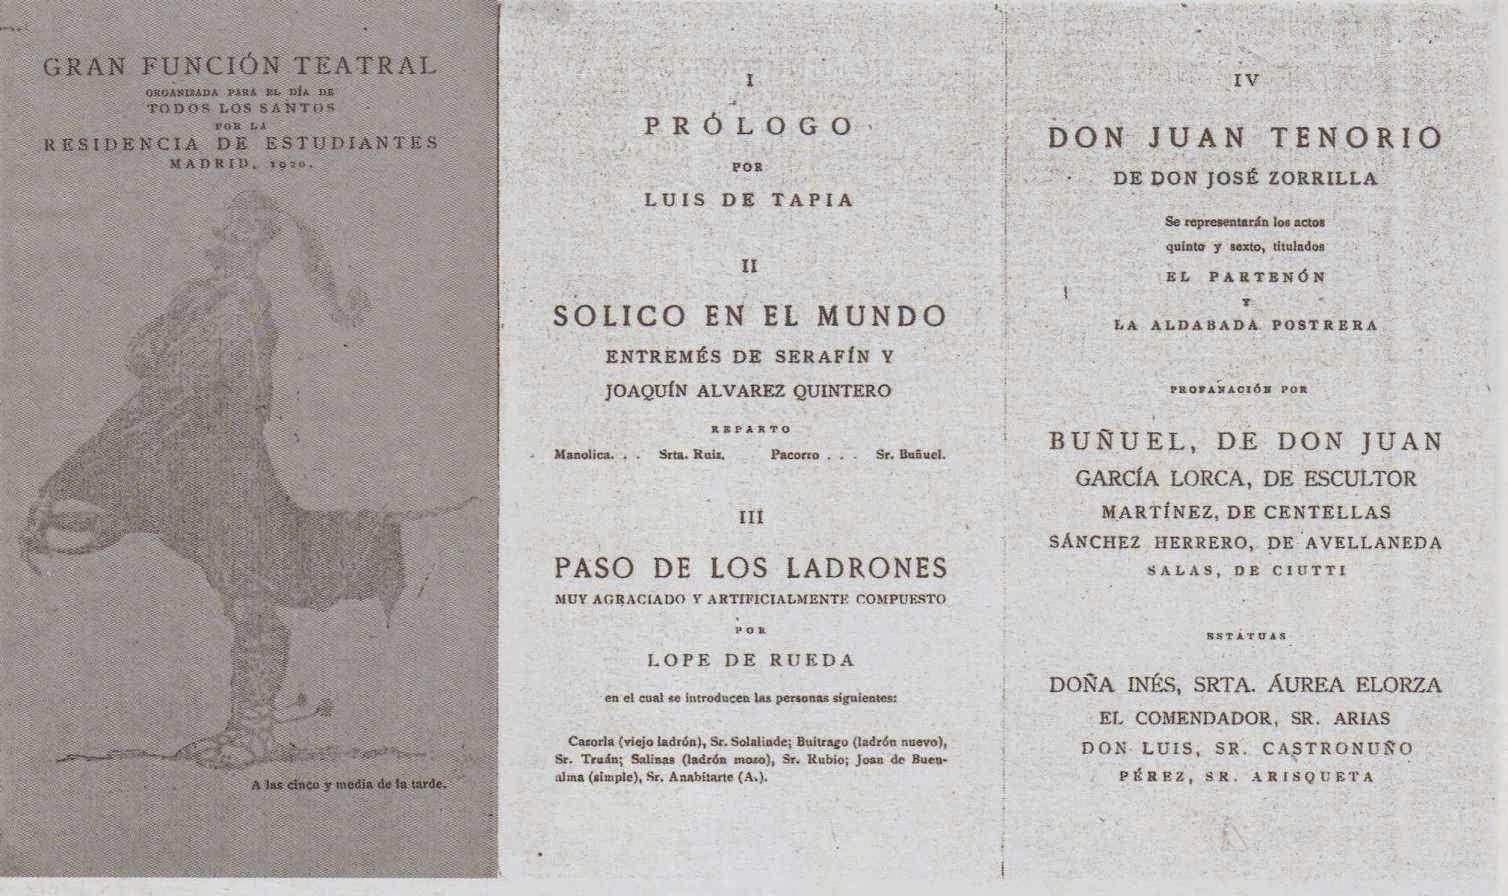 Luis Buñuel y Don Juan Tenorio